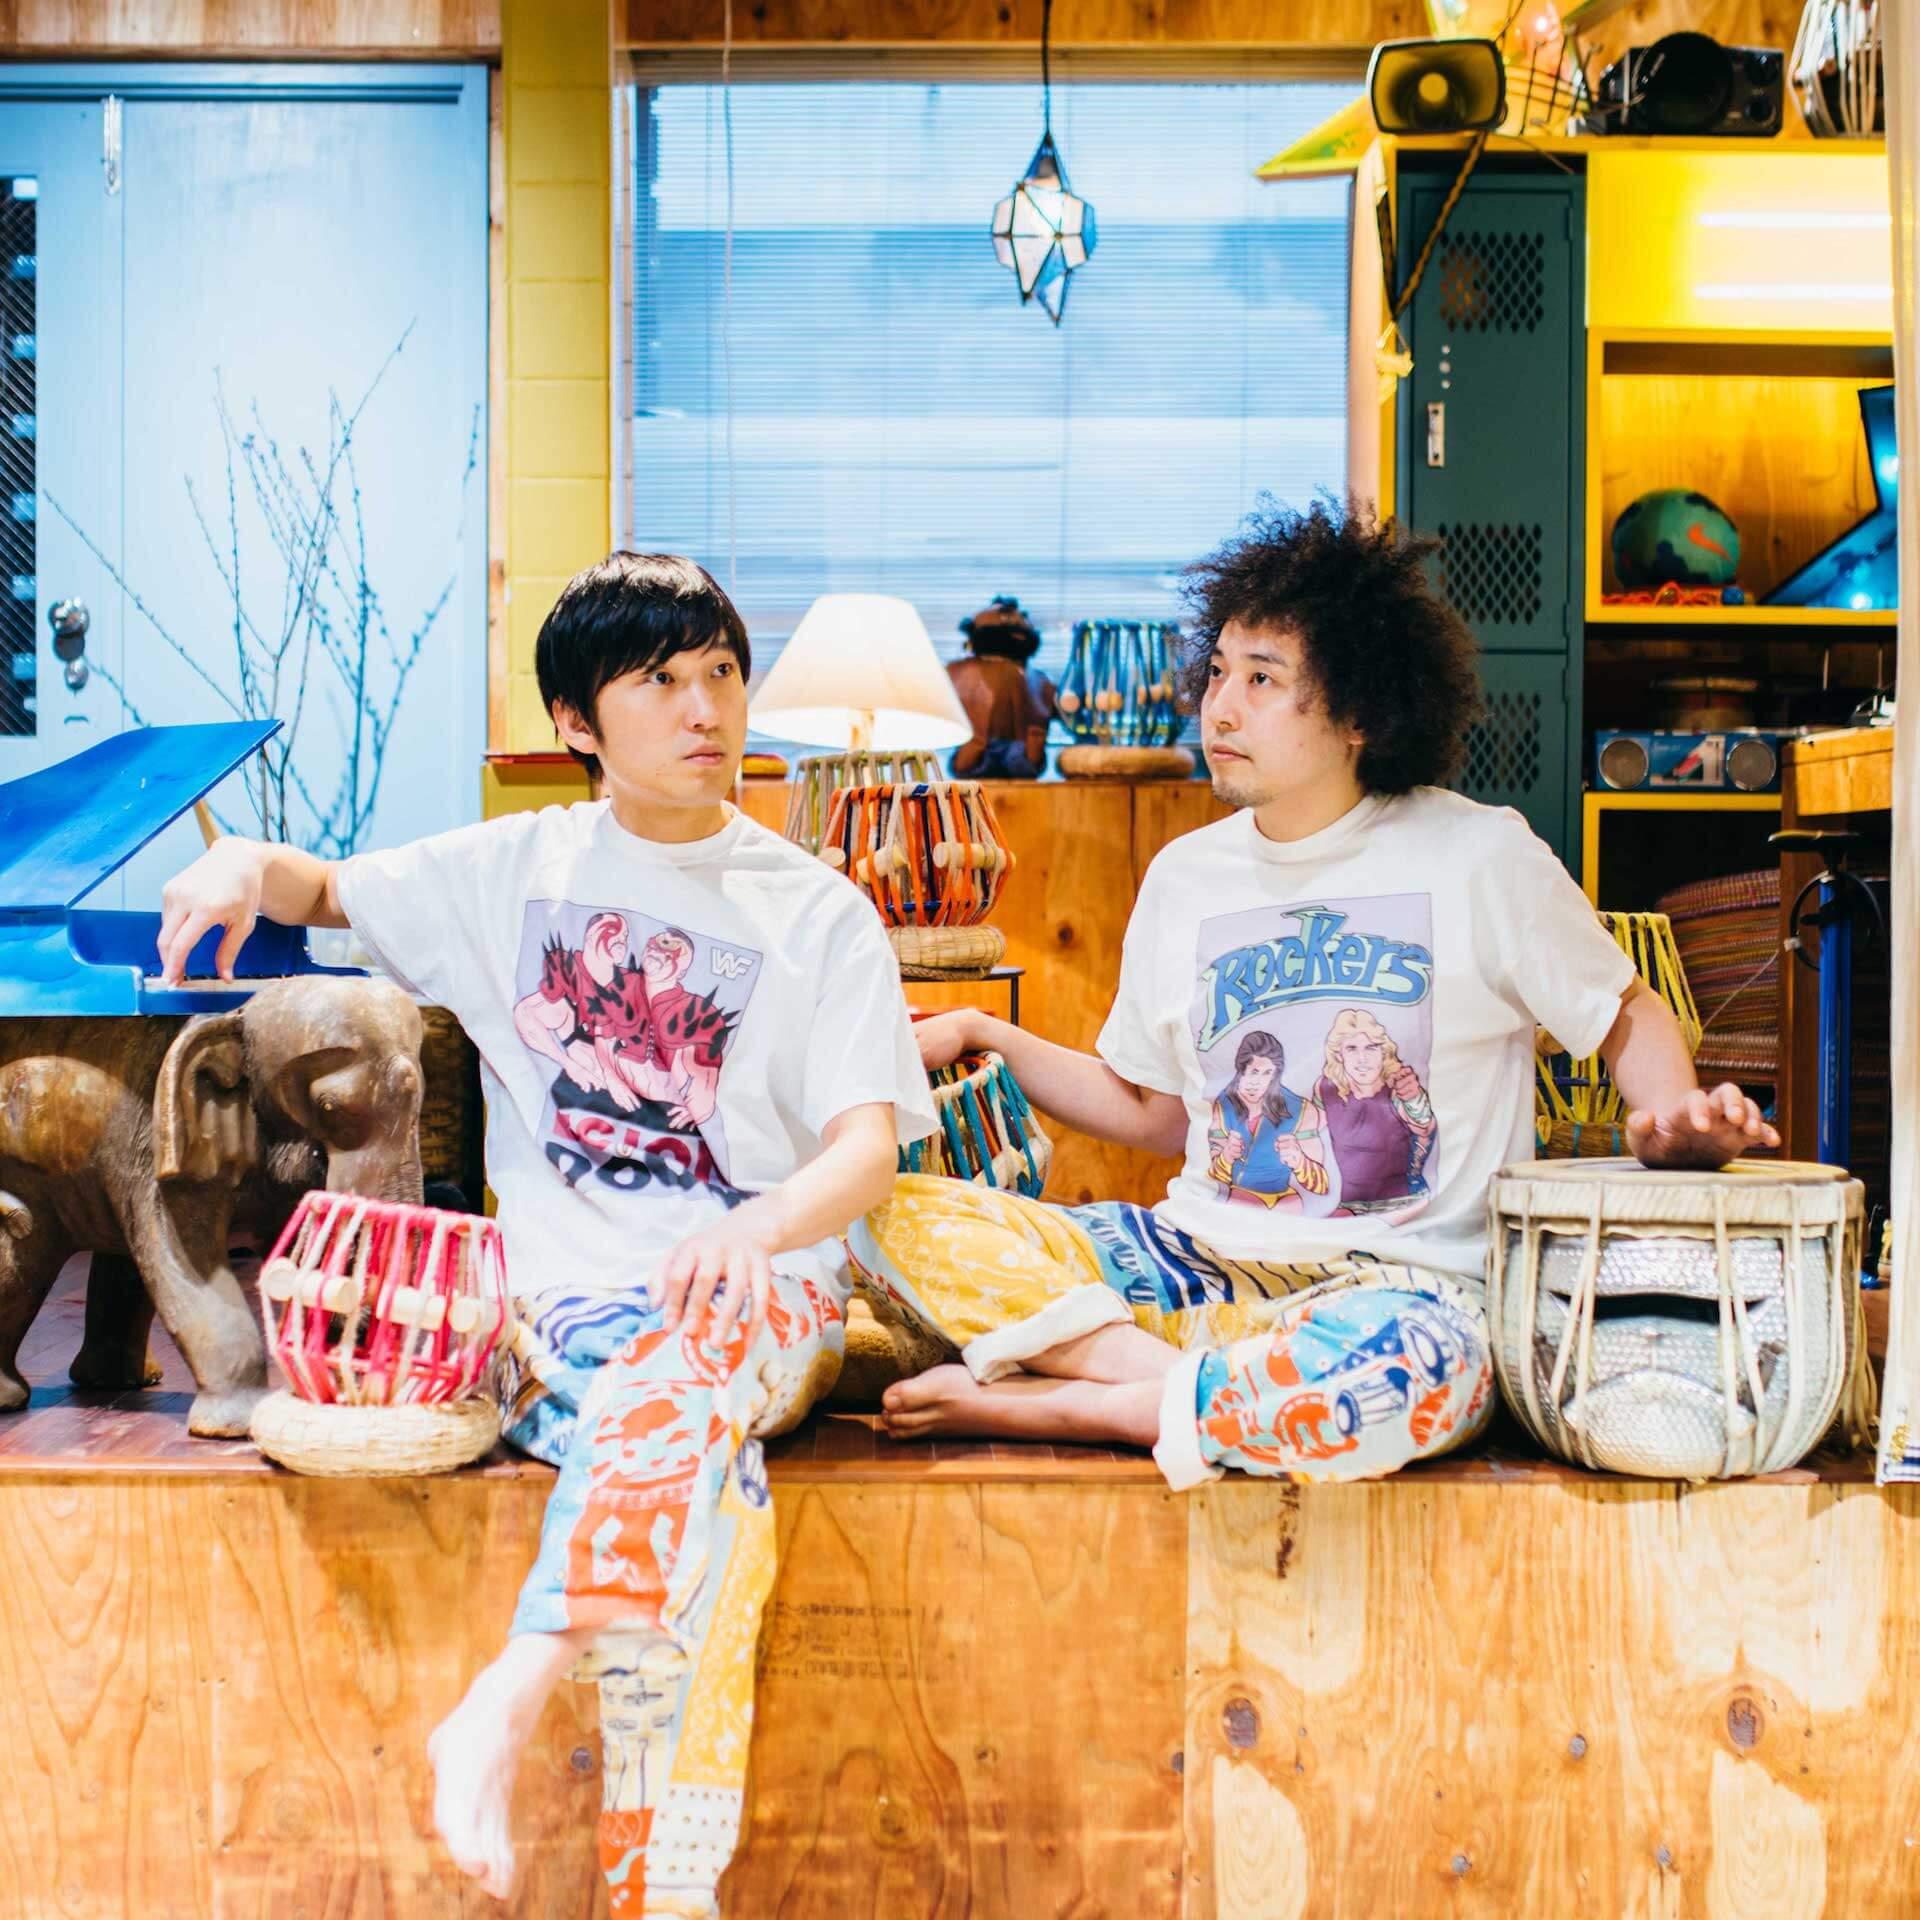 蓮沼執太 & ユザーン、ZOMBIE-CHANGの対バンイベントが11月にWALL&WALLにて開催 music1908228-hasunuma-uzhaan-zombiechang2